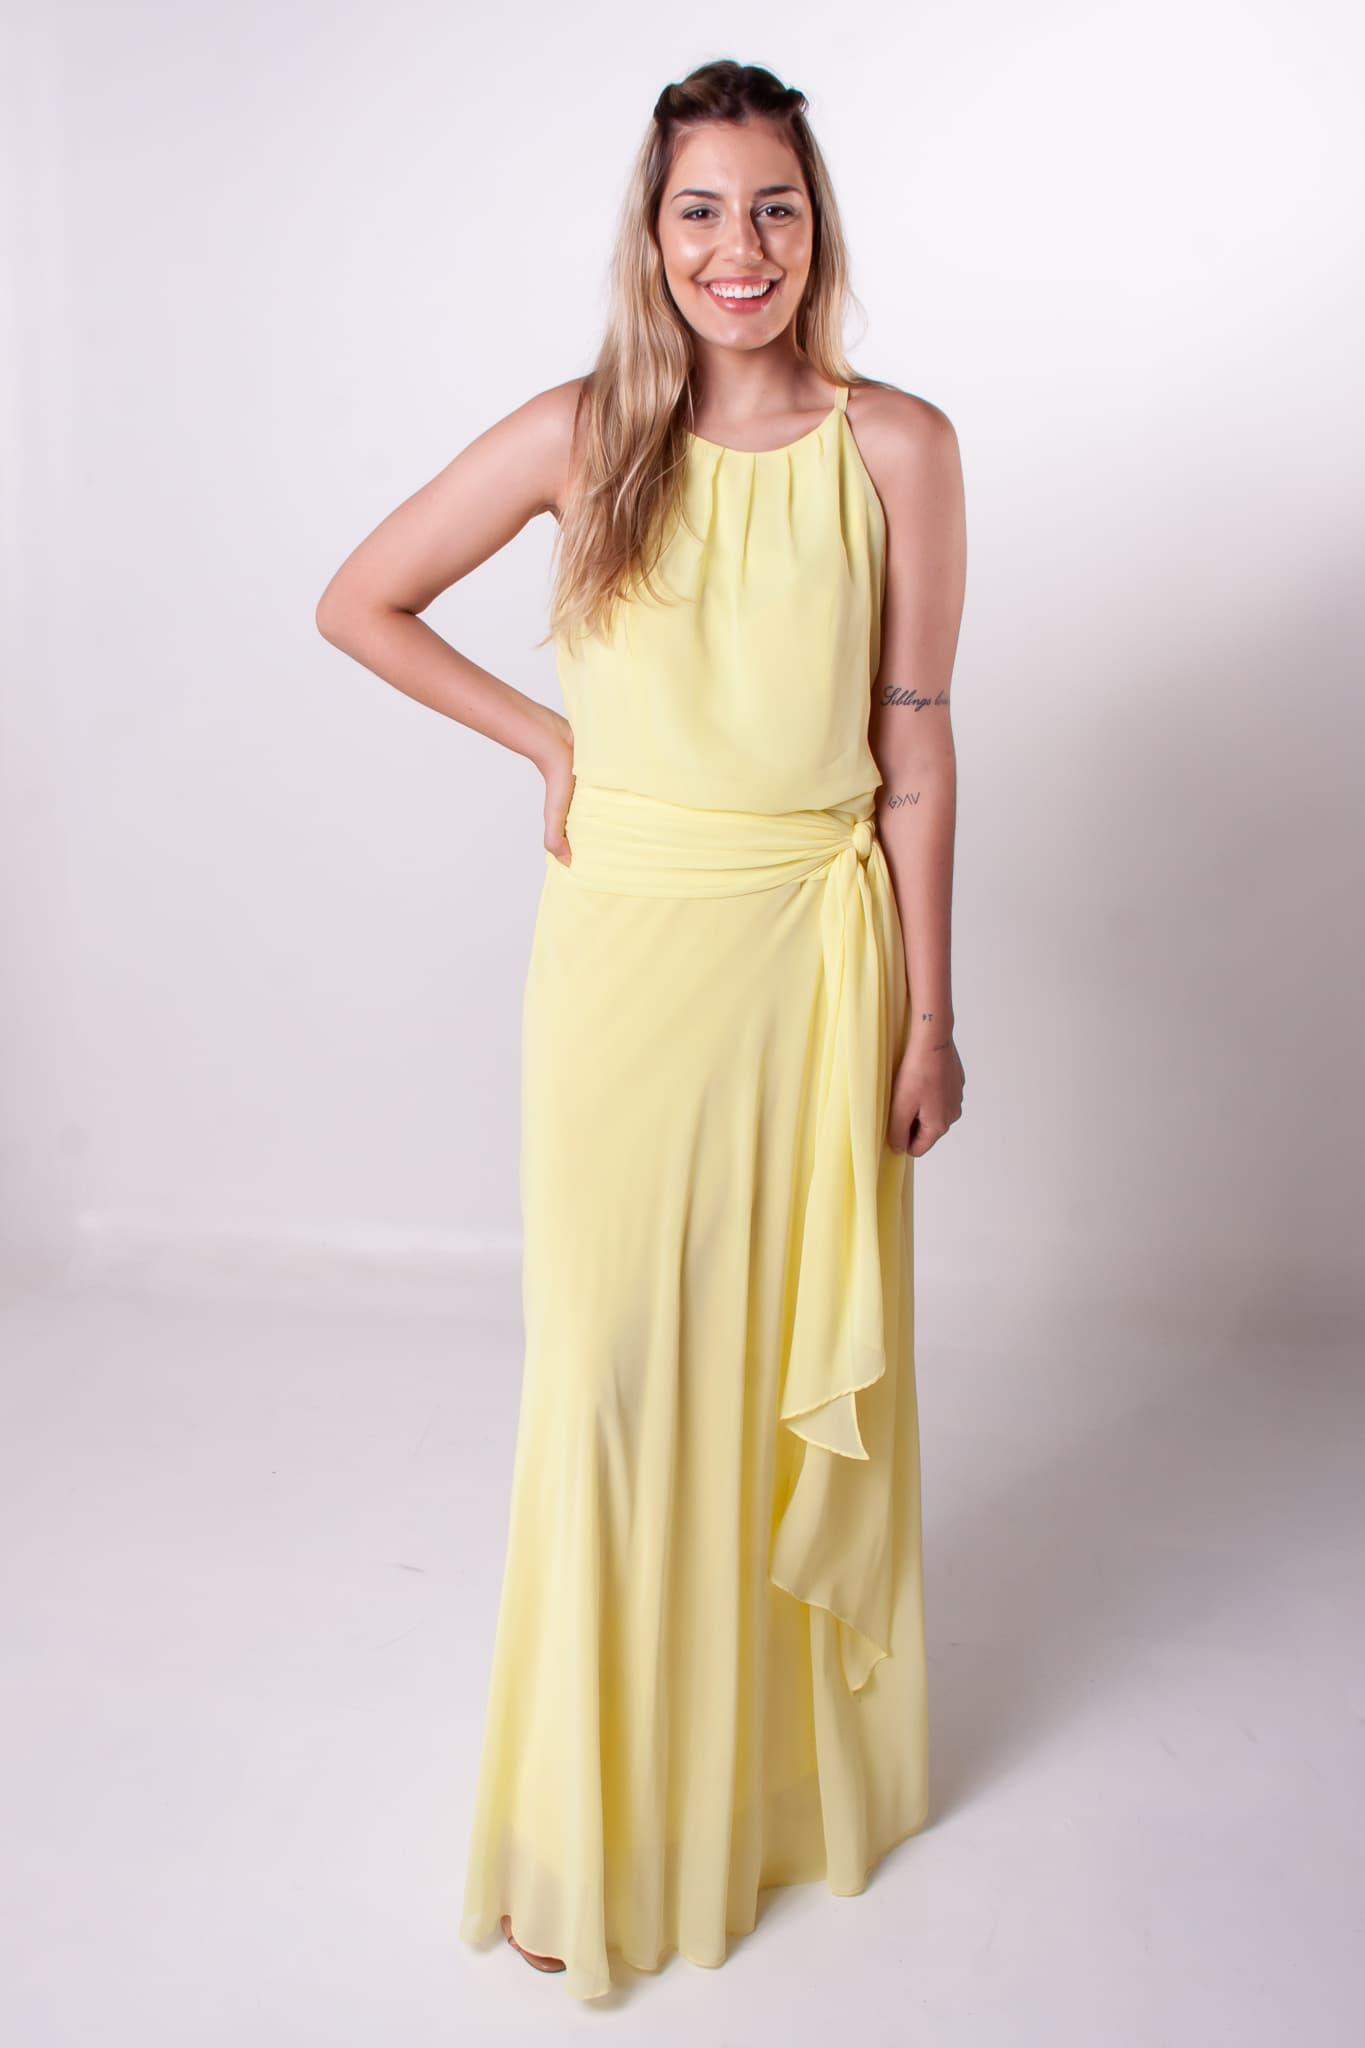 1 - Vestido leve e fluido com detalhe na cintura